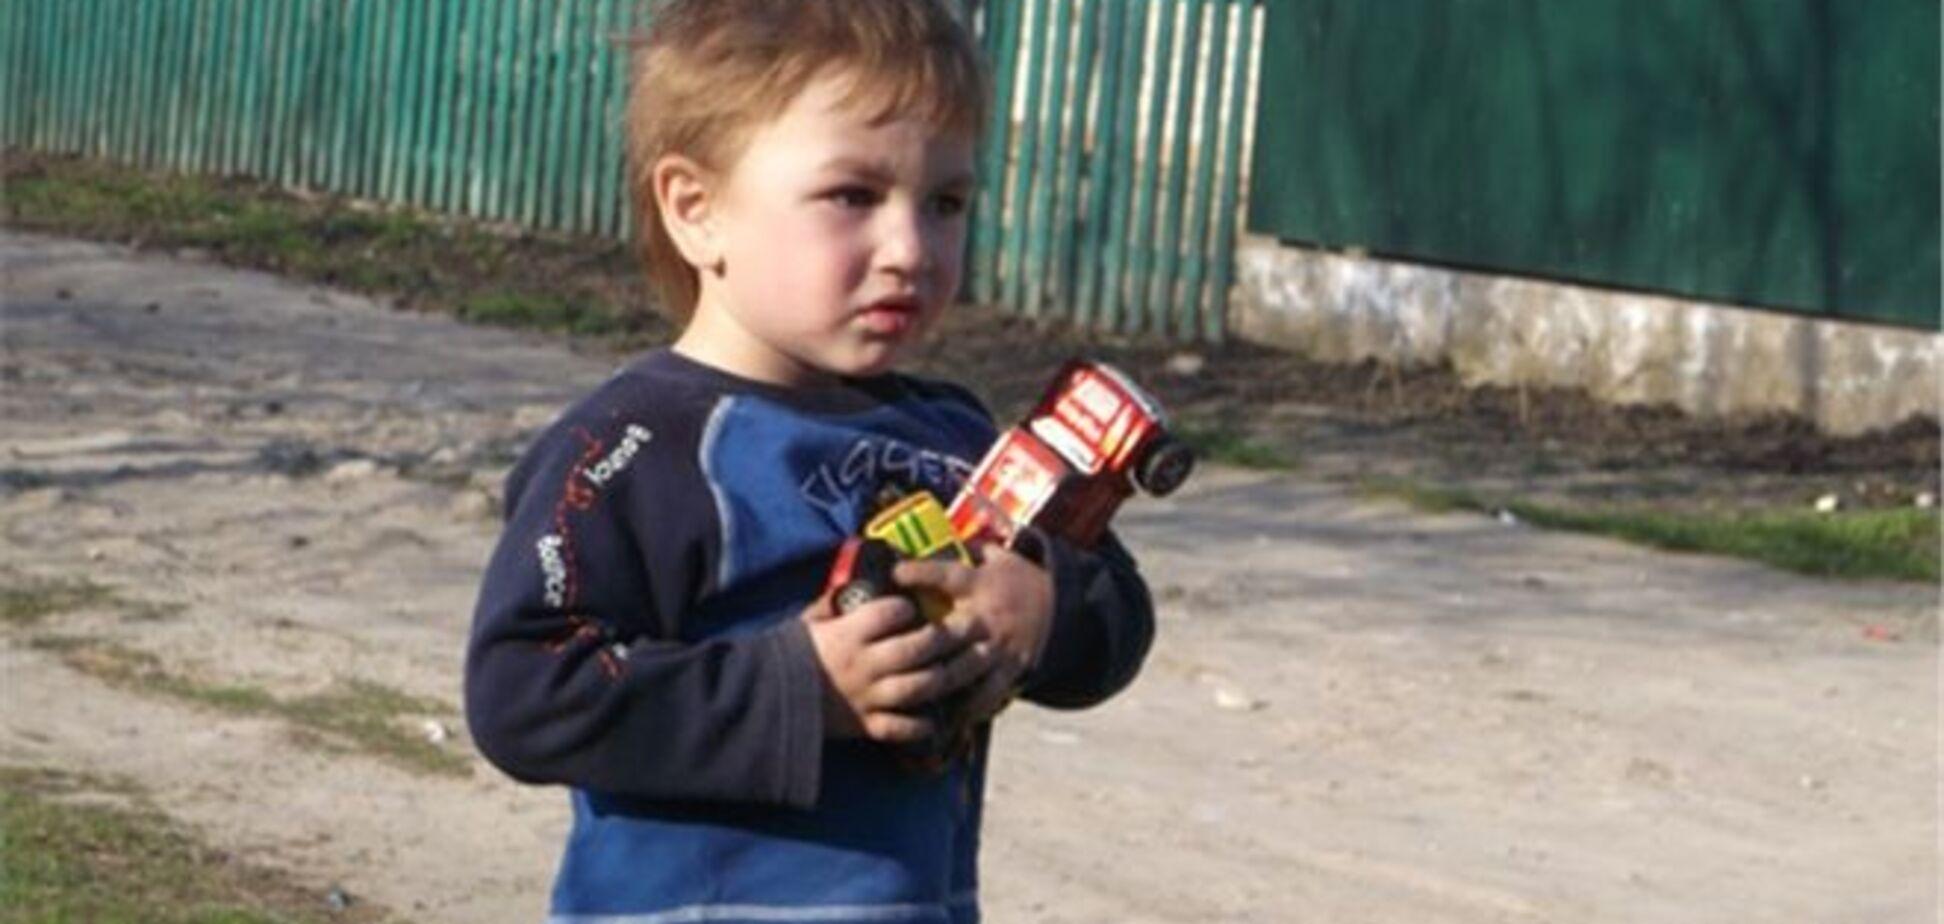 Кілька спецпідрозділів міліції 12 годин шукали трирічної дитини